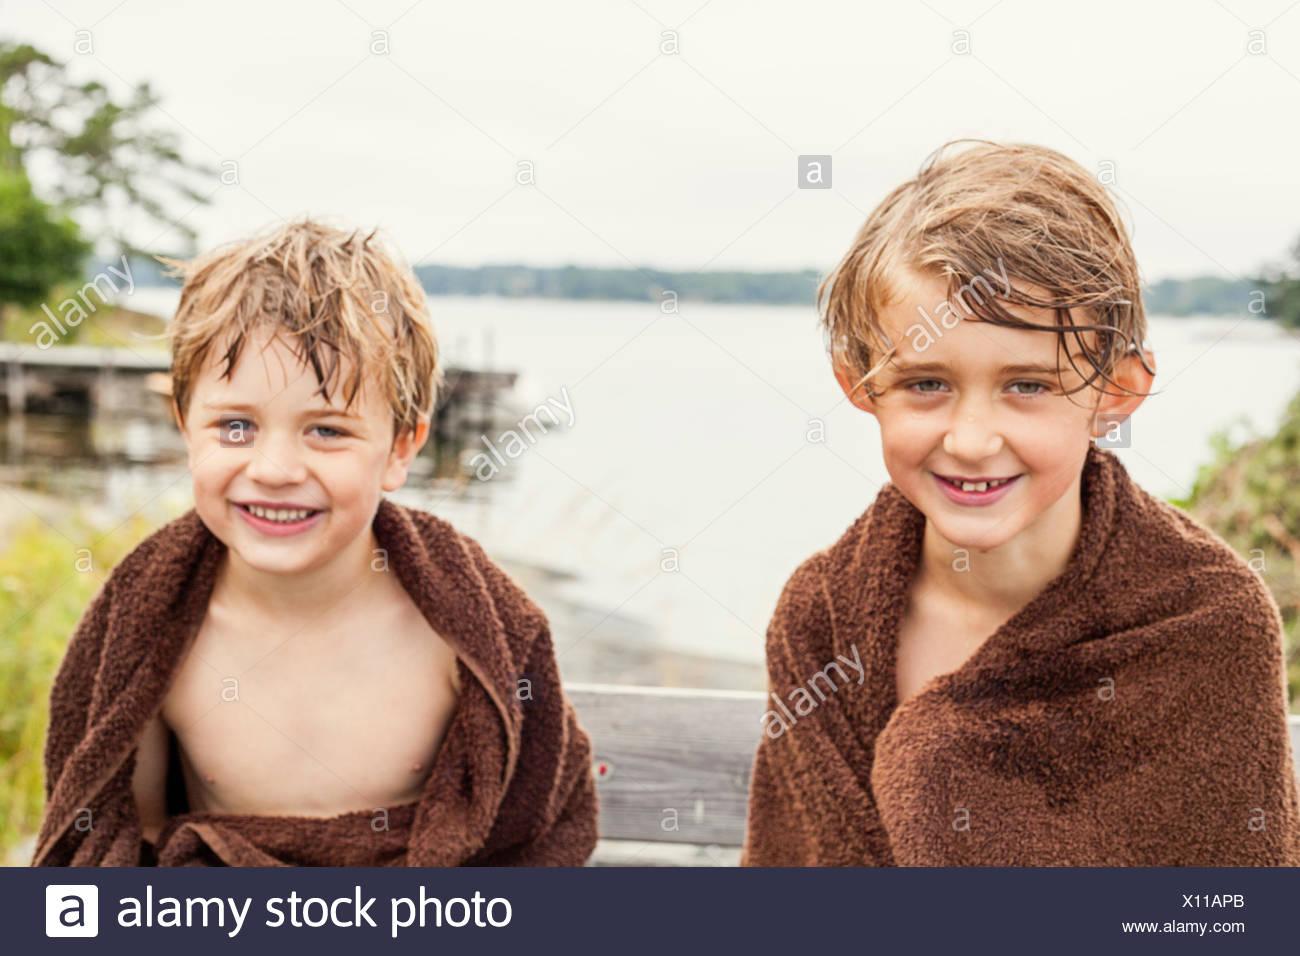 Schweden, Uppland, Runmaro, Barrskar, Porträt von zwei jungen in Handtücher gewickelt Stockbild